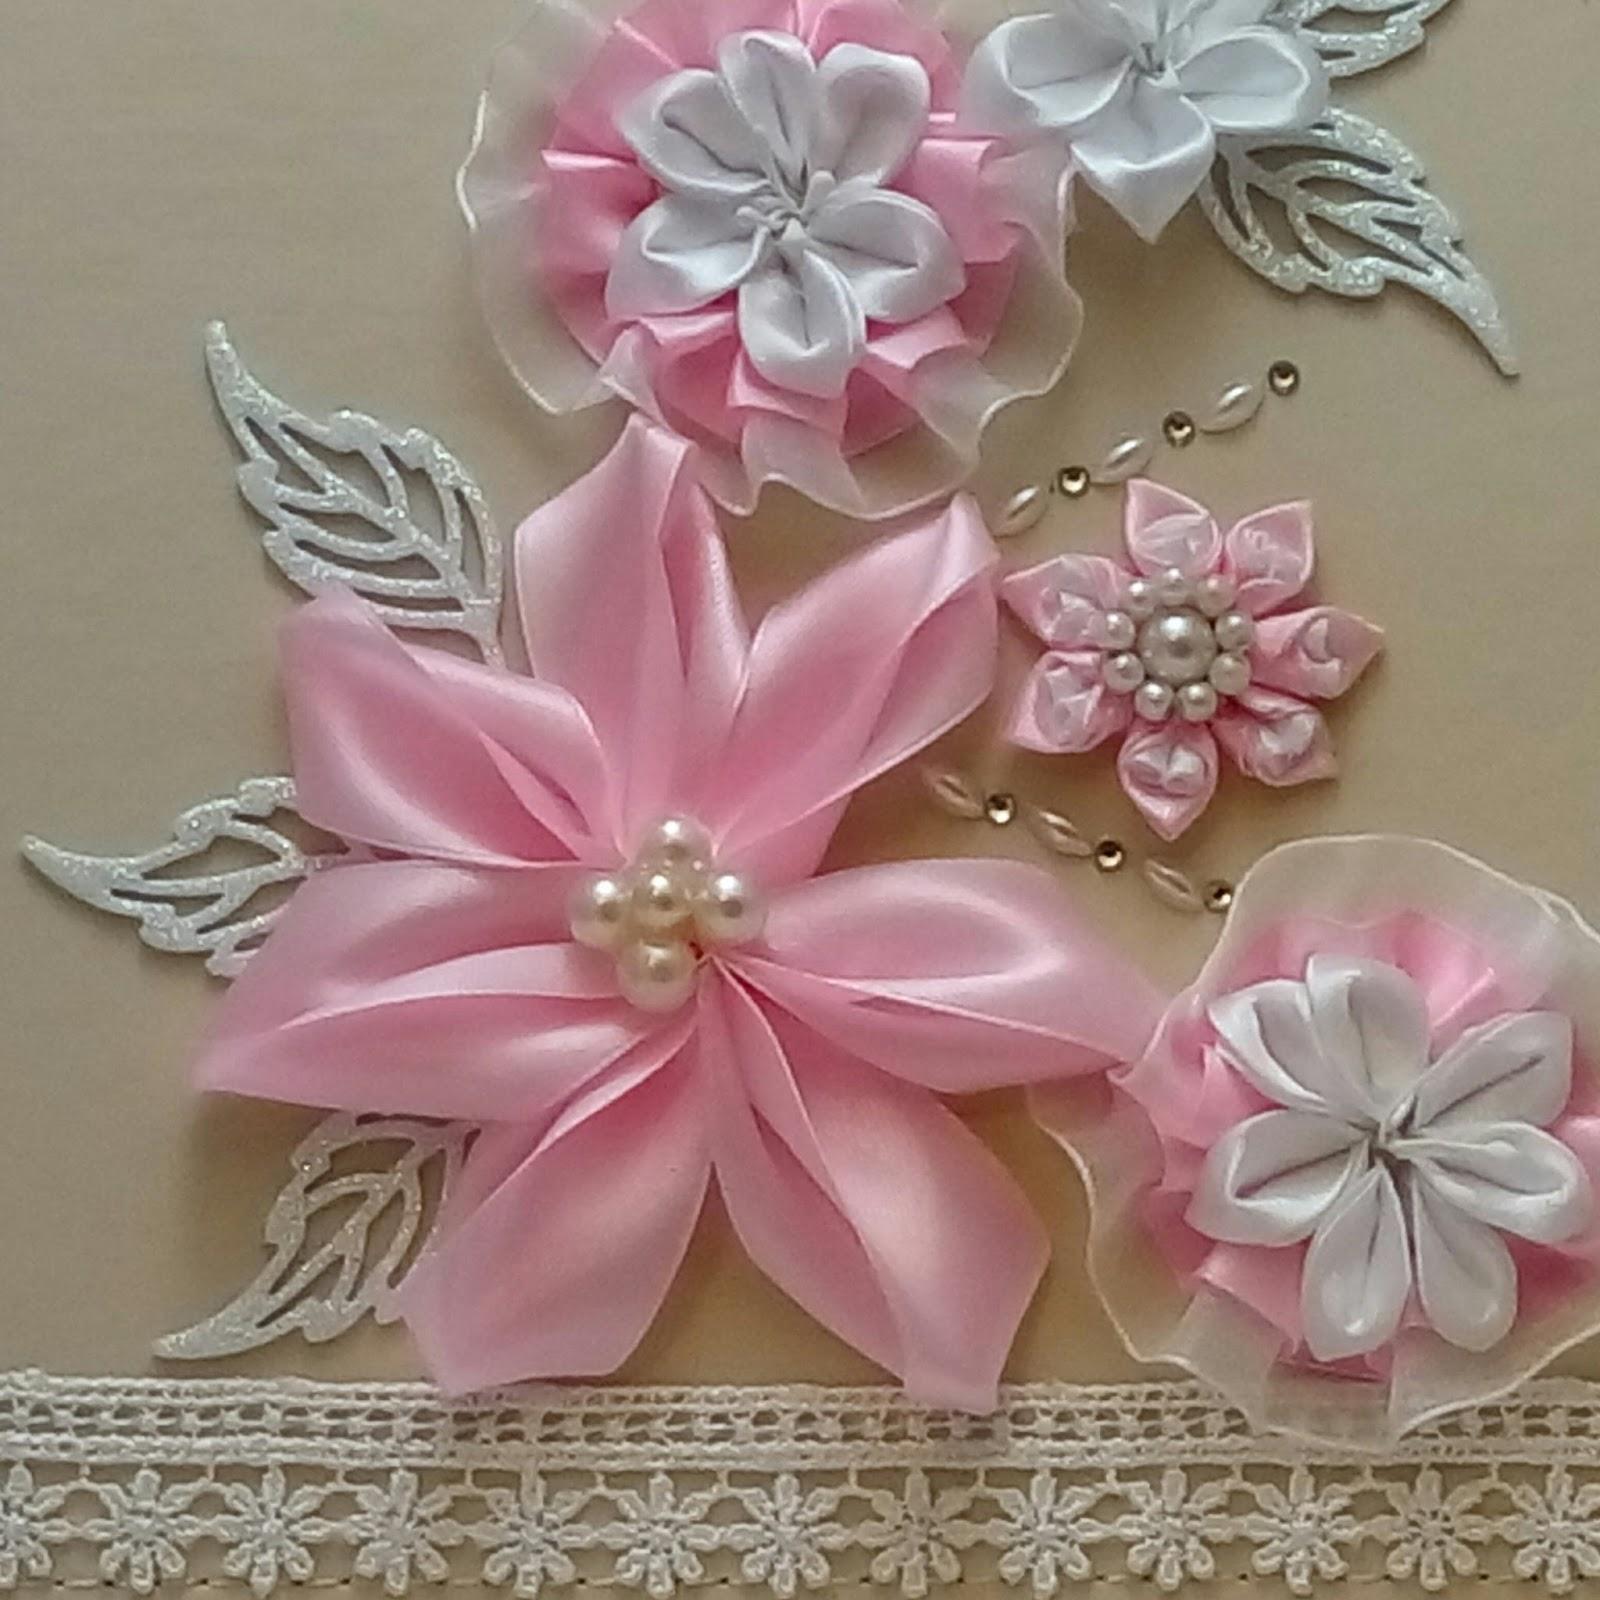 Regalos exclusivos JAPI: Libro de firmas flores rosas y blancas